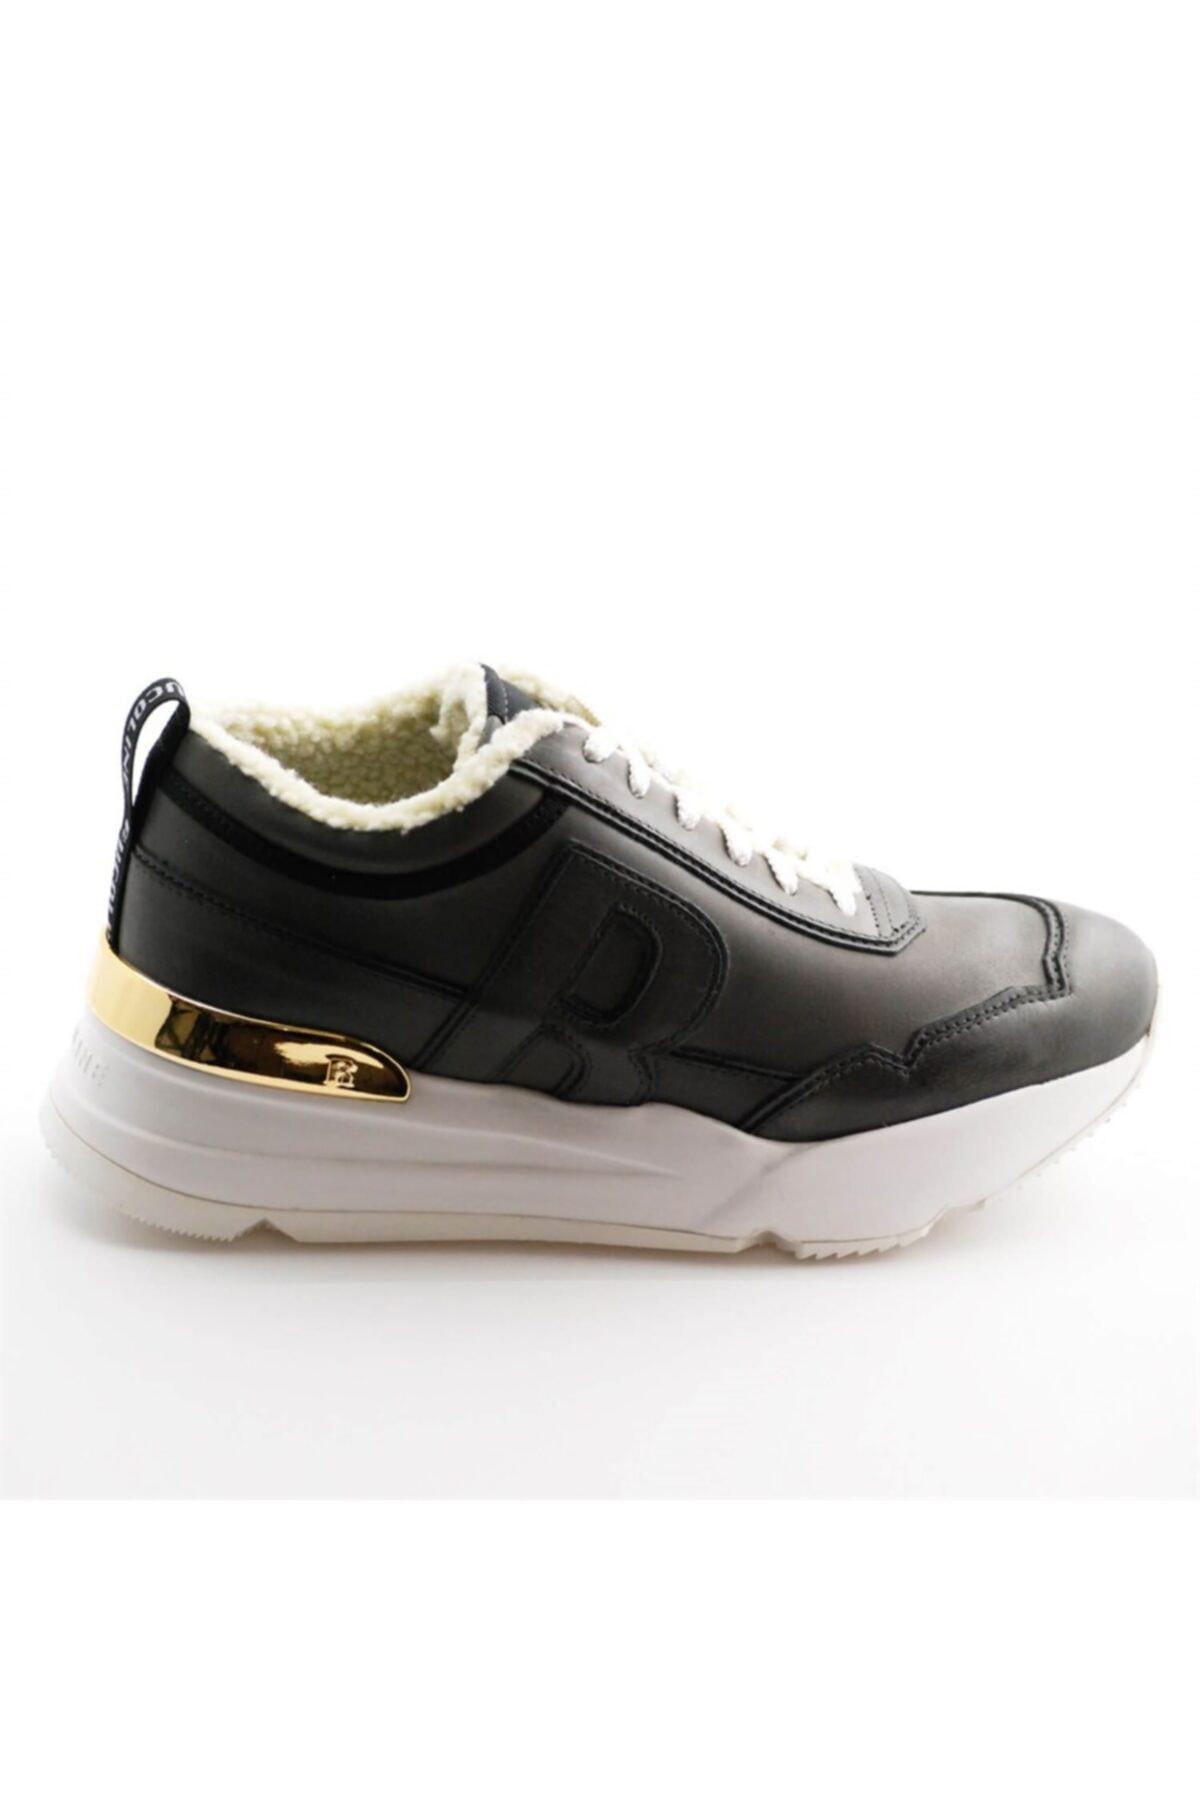 RUCO LİNE 4041 Rucolıne Kadın Spor Ayakkabı 2